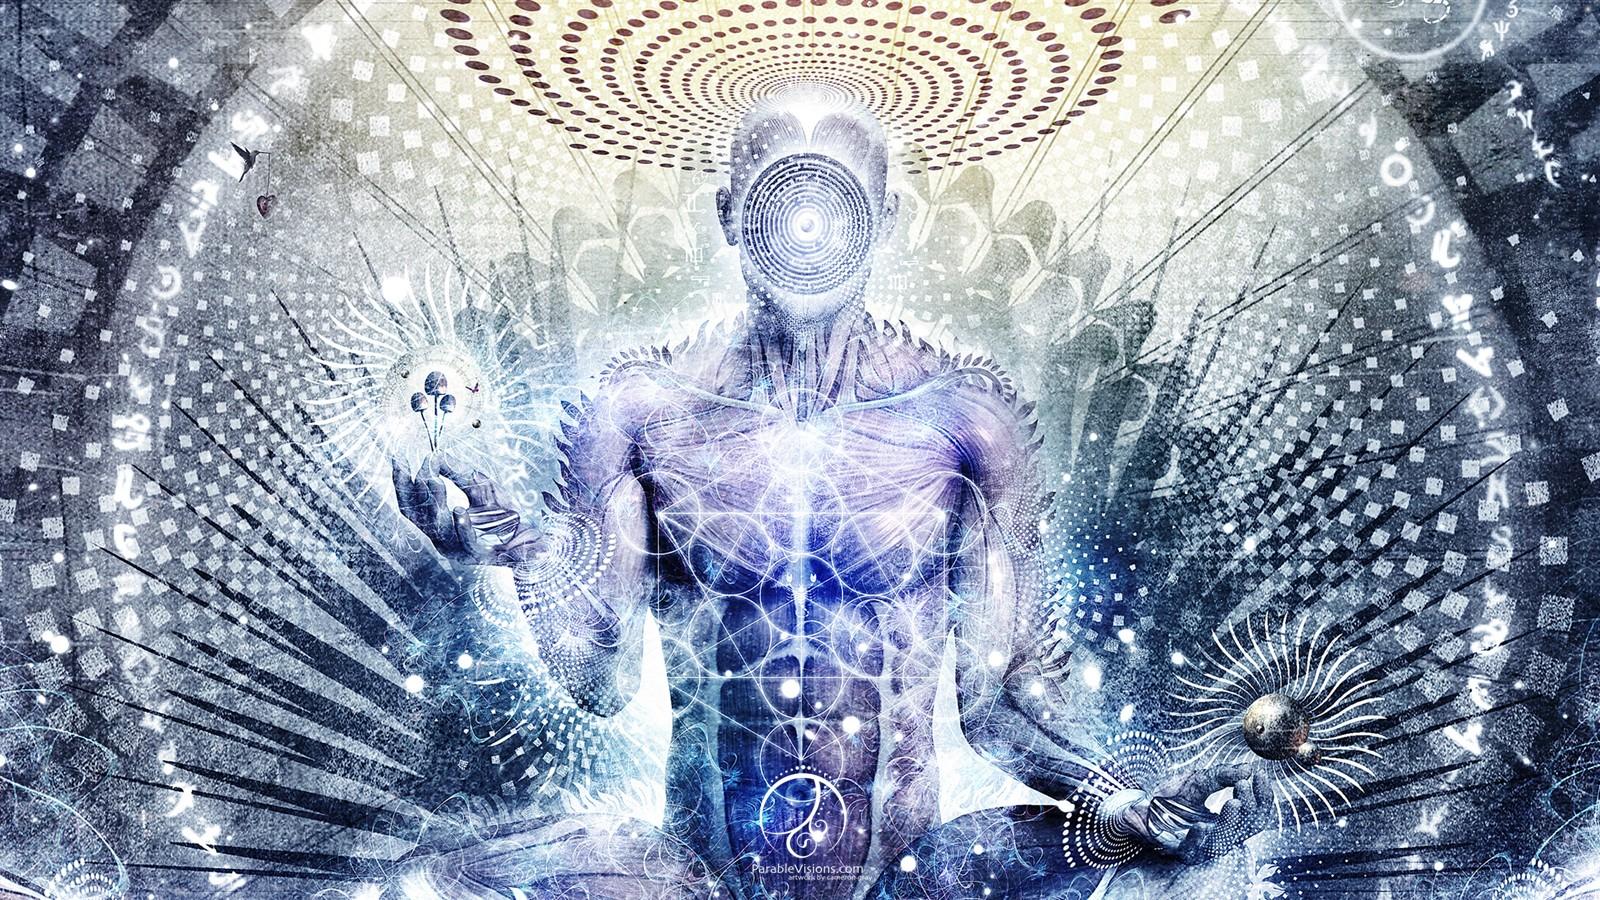 Fond d 39 cran illustration m ditation spirituel - Meditation art wallpaper ...